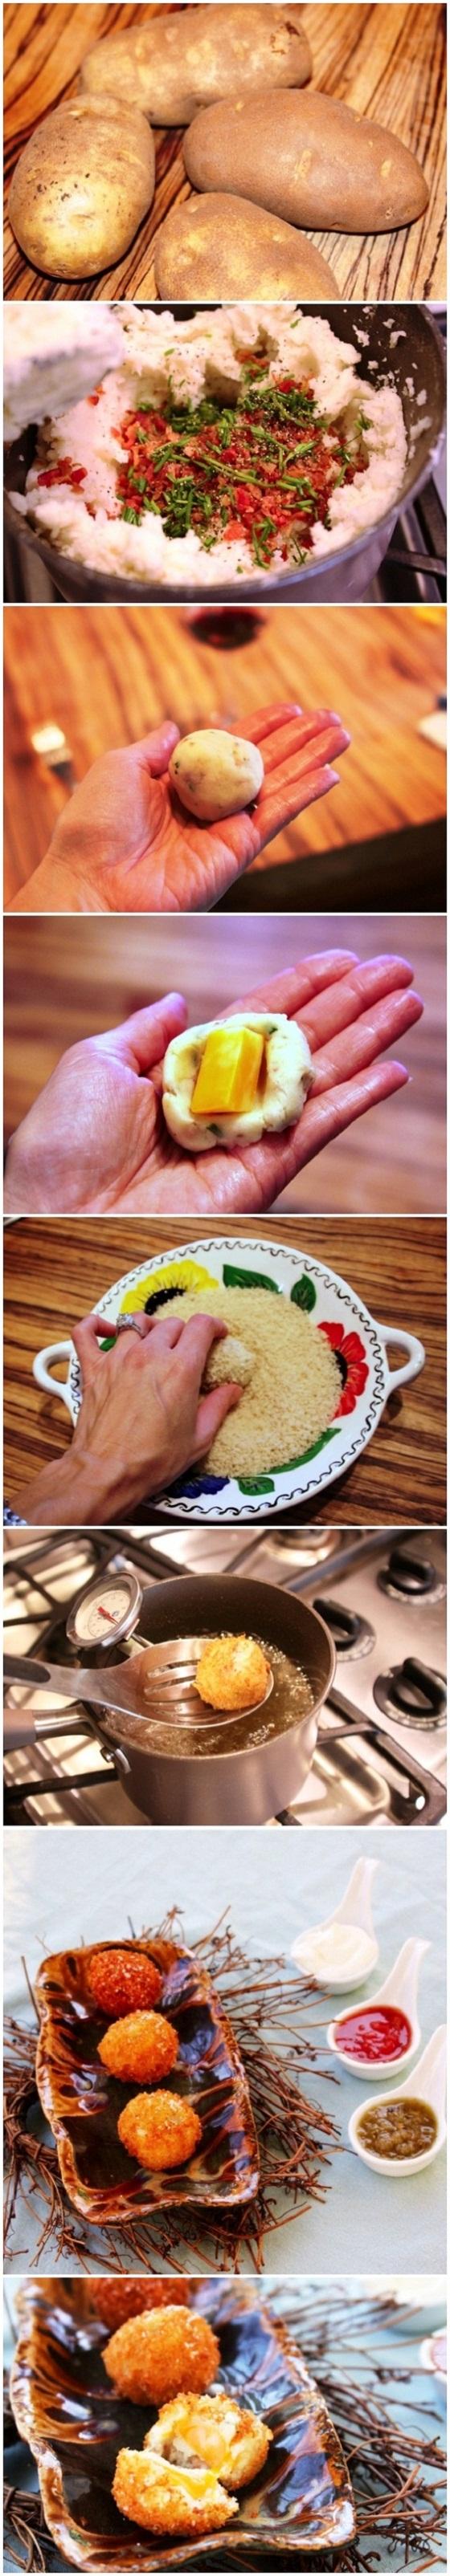 Loaded-Baked-Potato-Balls-Recipe